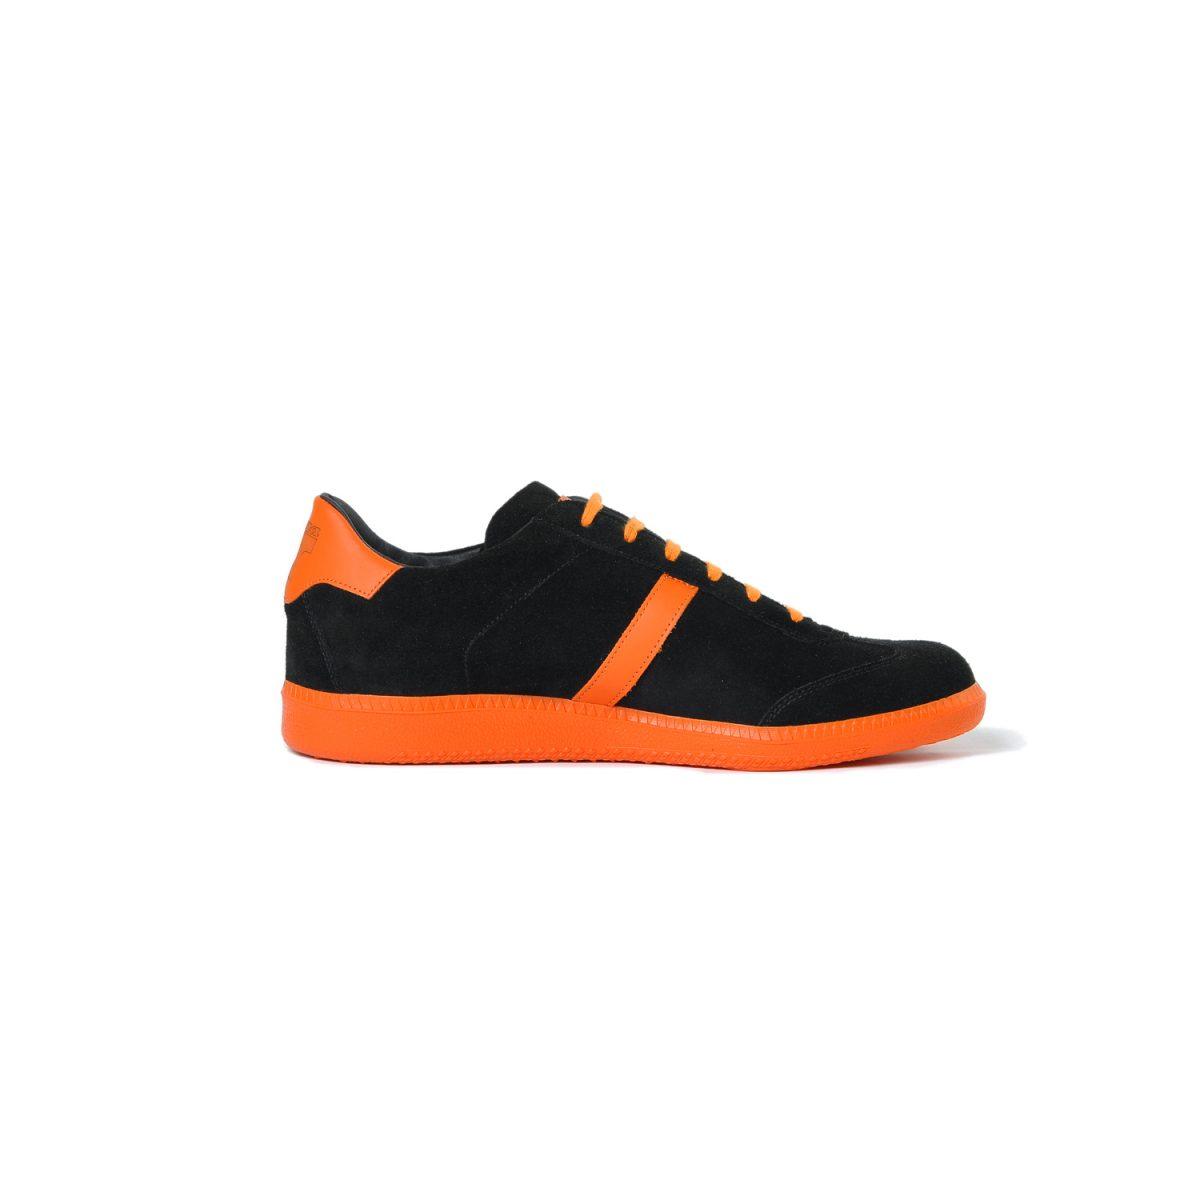 Tisza cipő - Comfort - Fekete-narancs